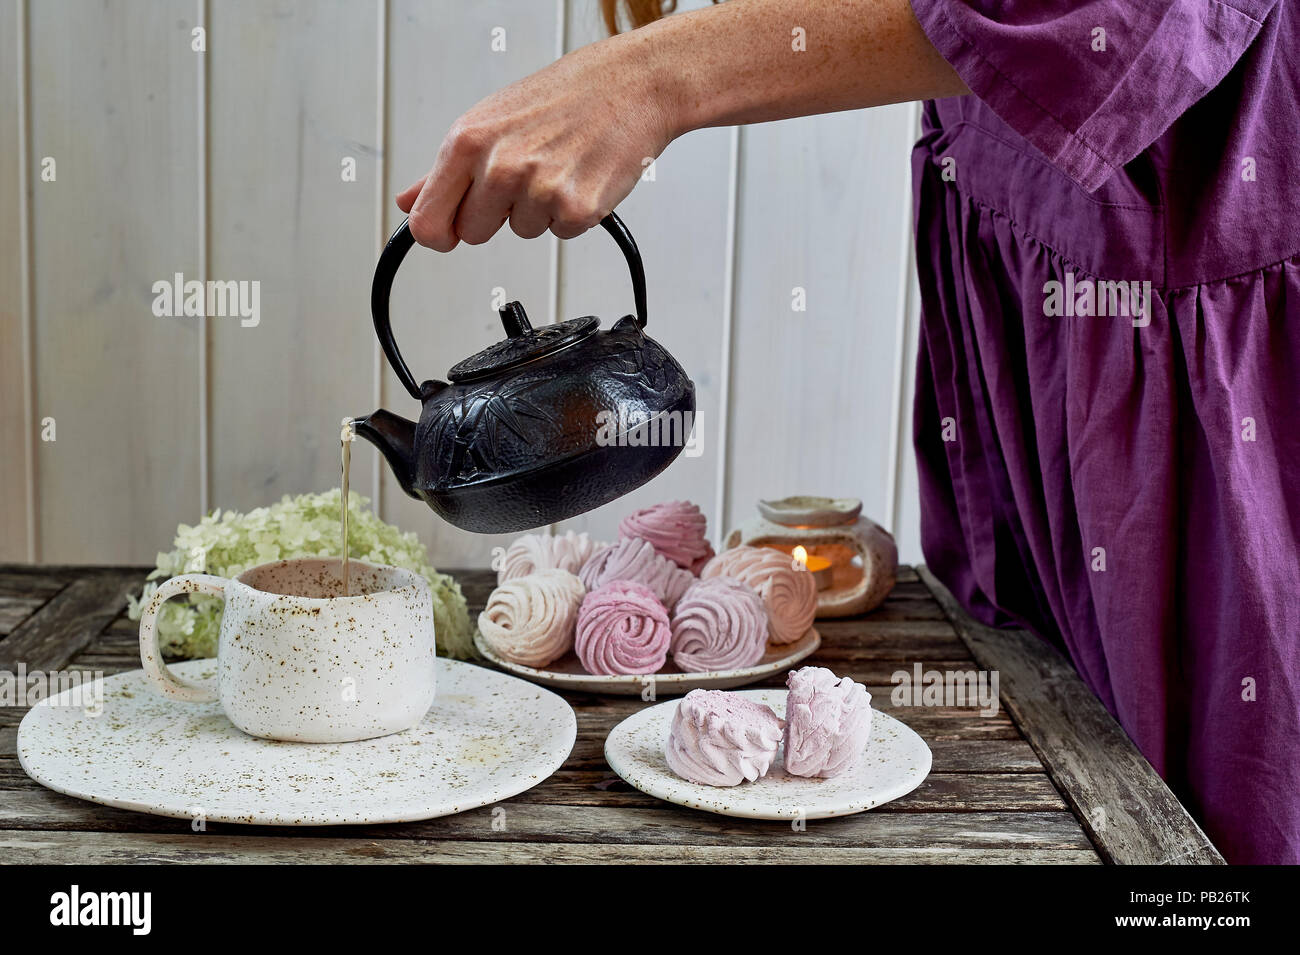 Das rothaarige Mädchen in ein lila Kleid gießt Kaffee in eine Tasse, die Tabelle in die Luft gesetzt ist. Marshmallow. Stockfoto